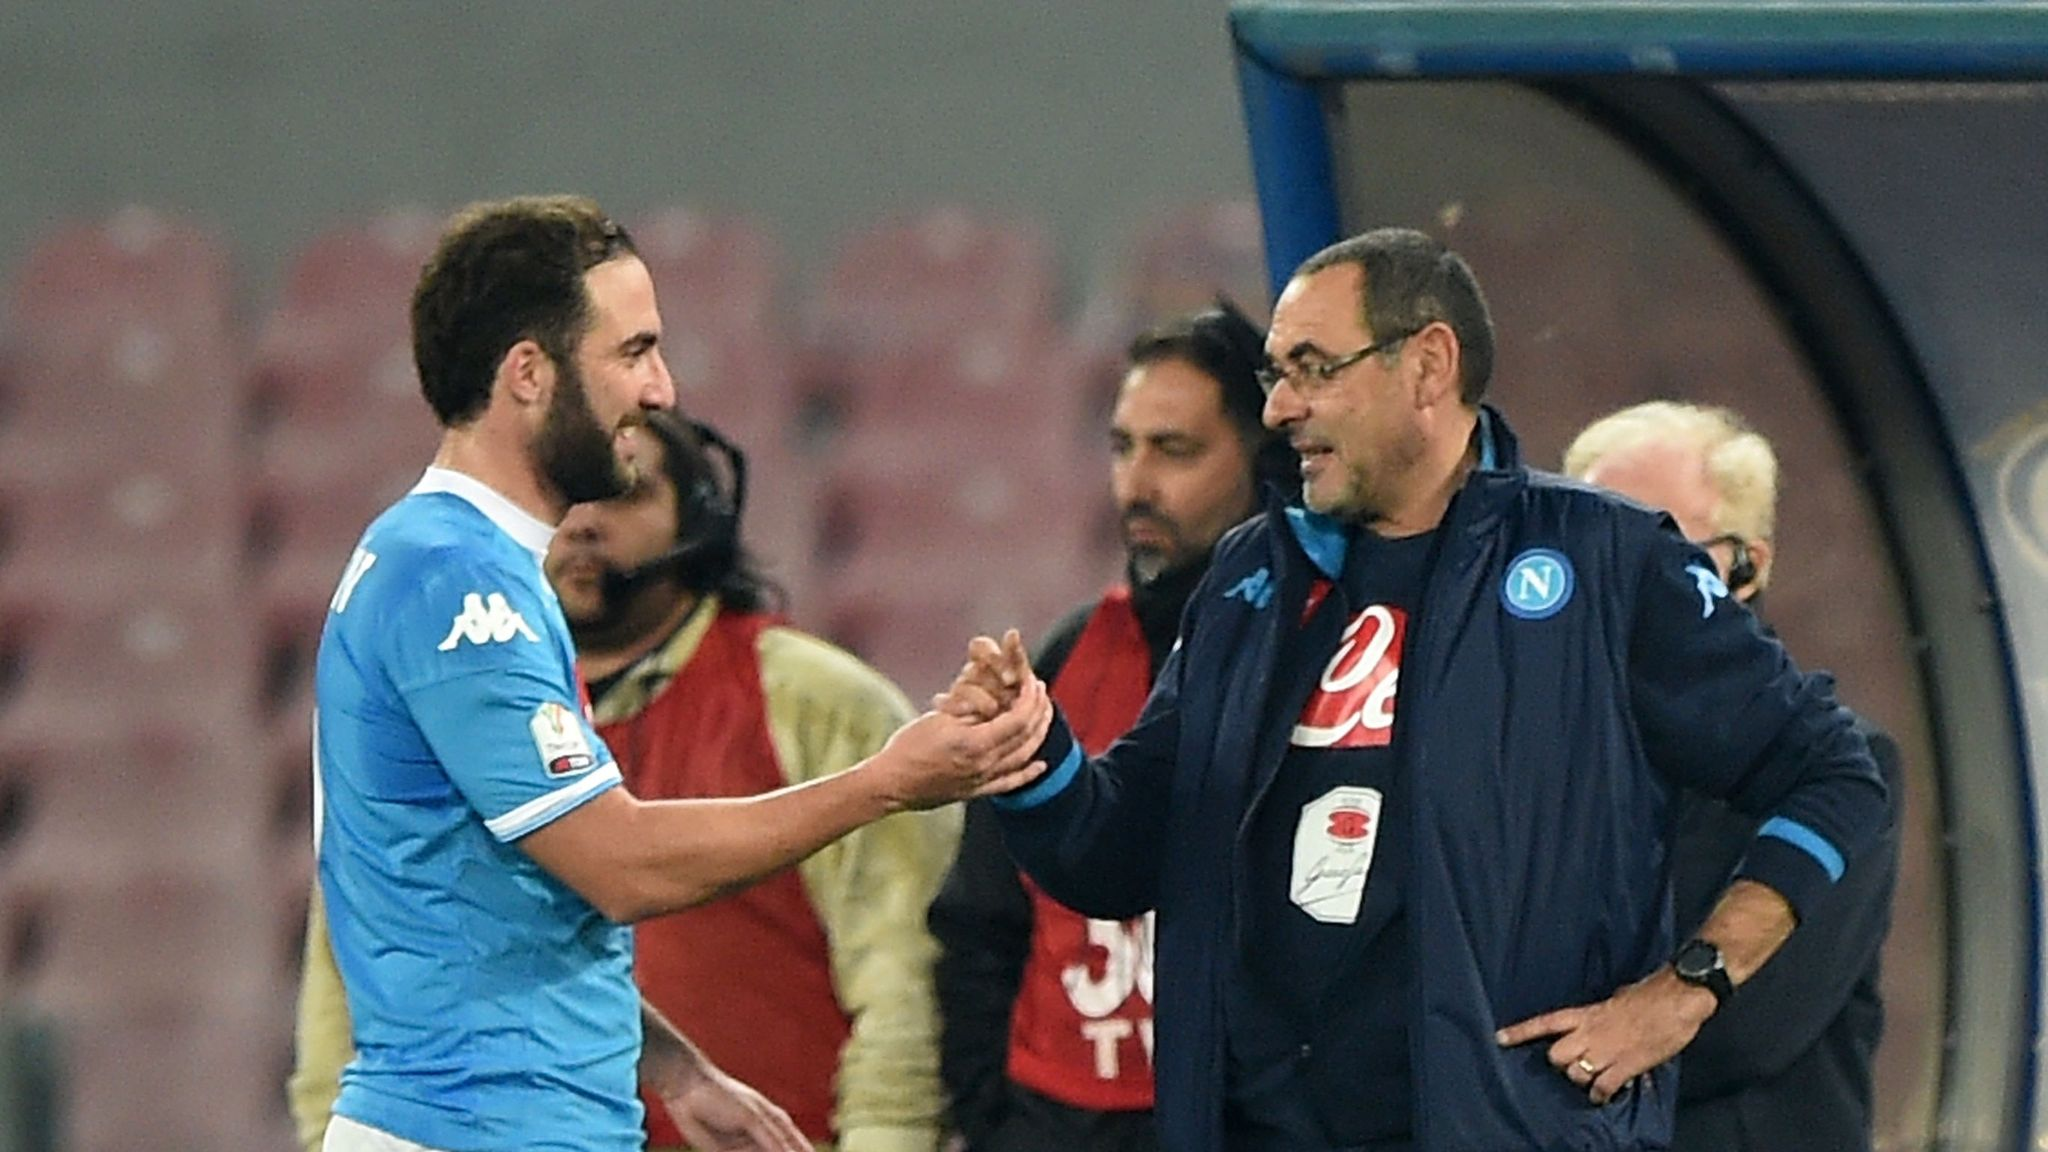 Gonzalo Higuain to Chelsea: How Maurizio Sarri helped